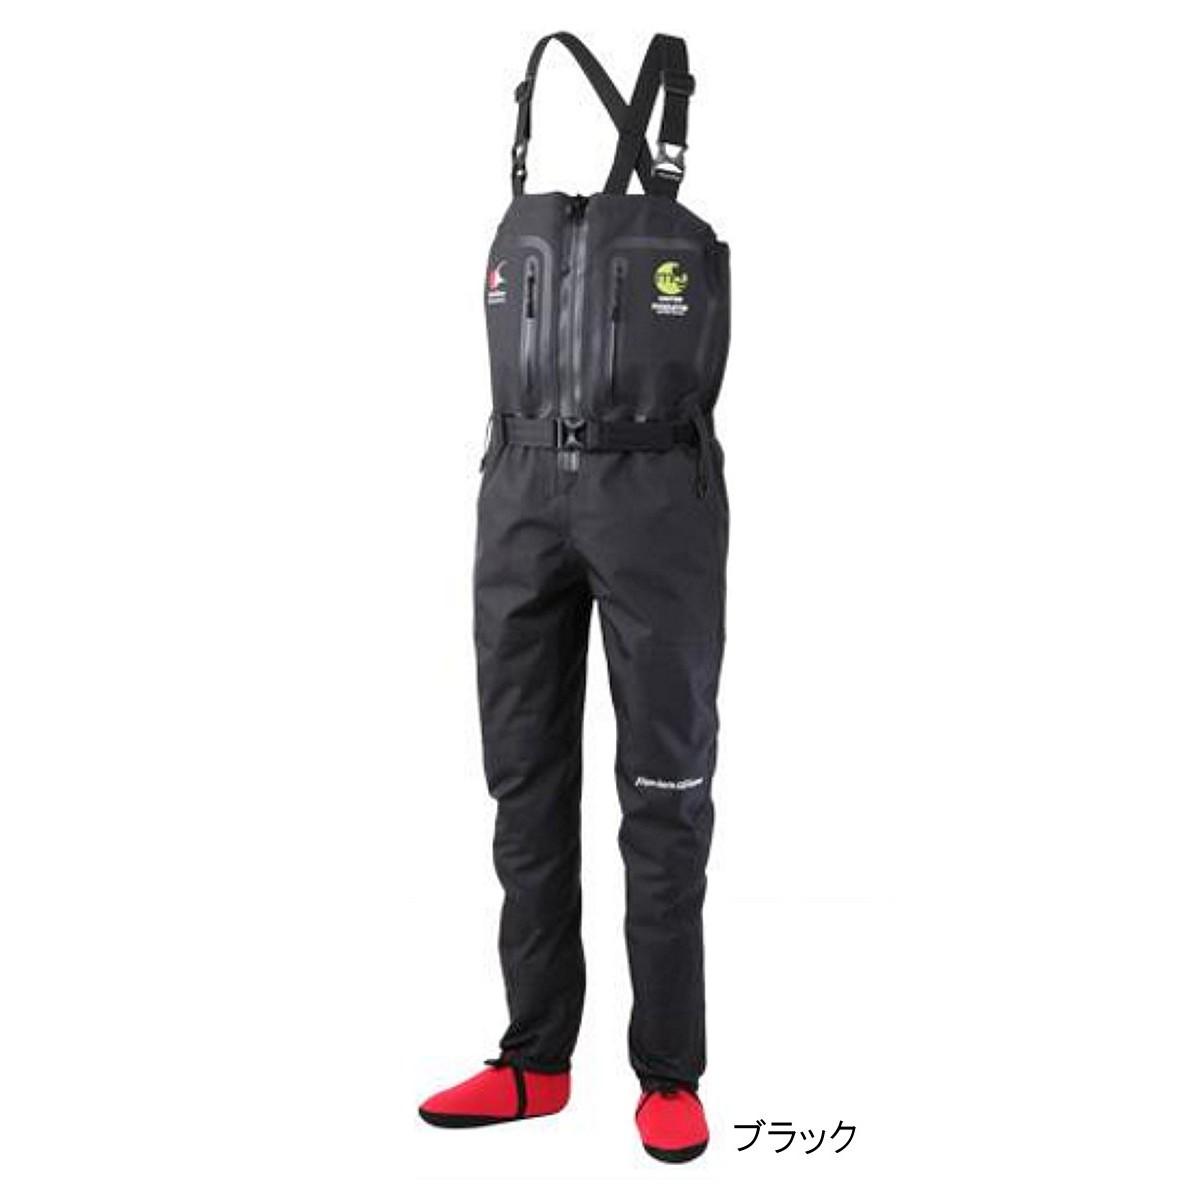 マズメ フルオープンストッキングウェイダー MZST-295 L ブラック【送料無料】